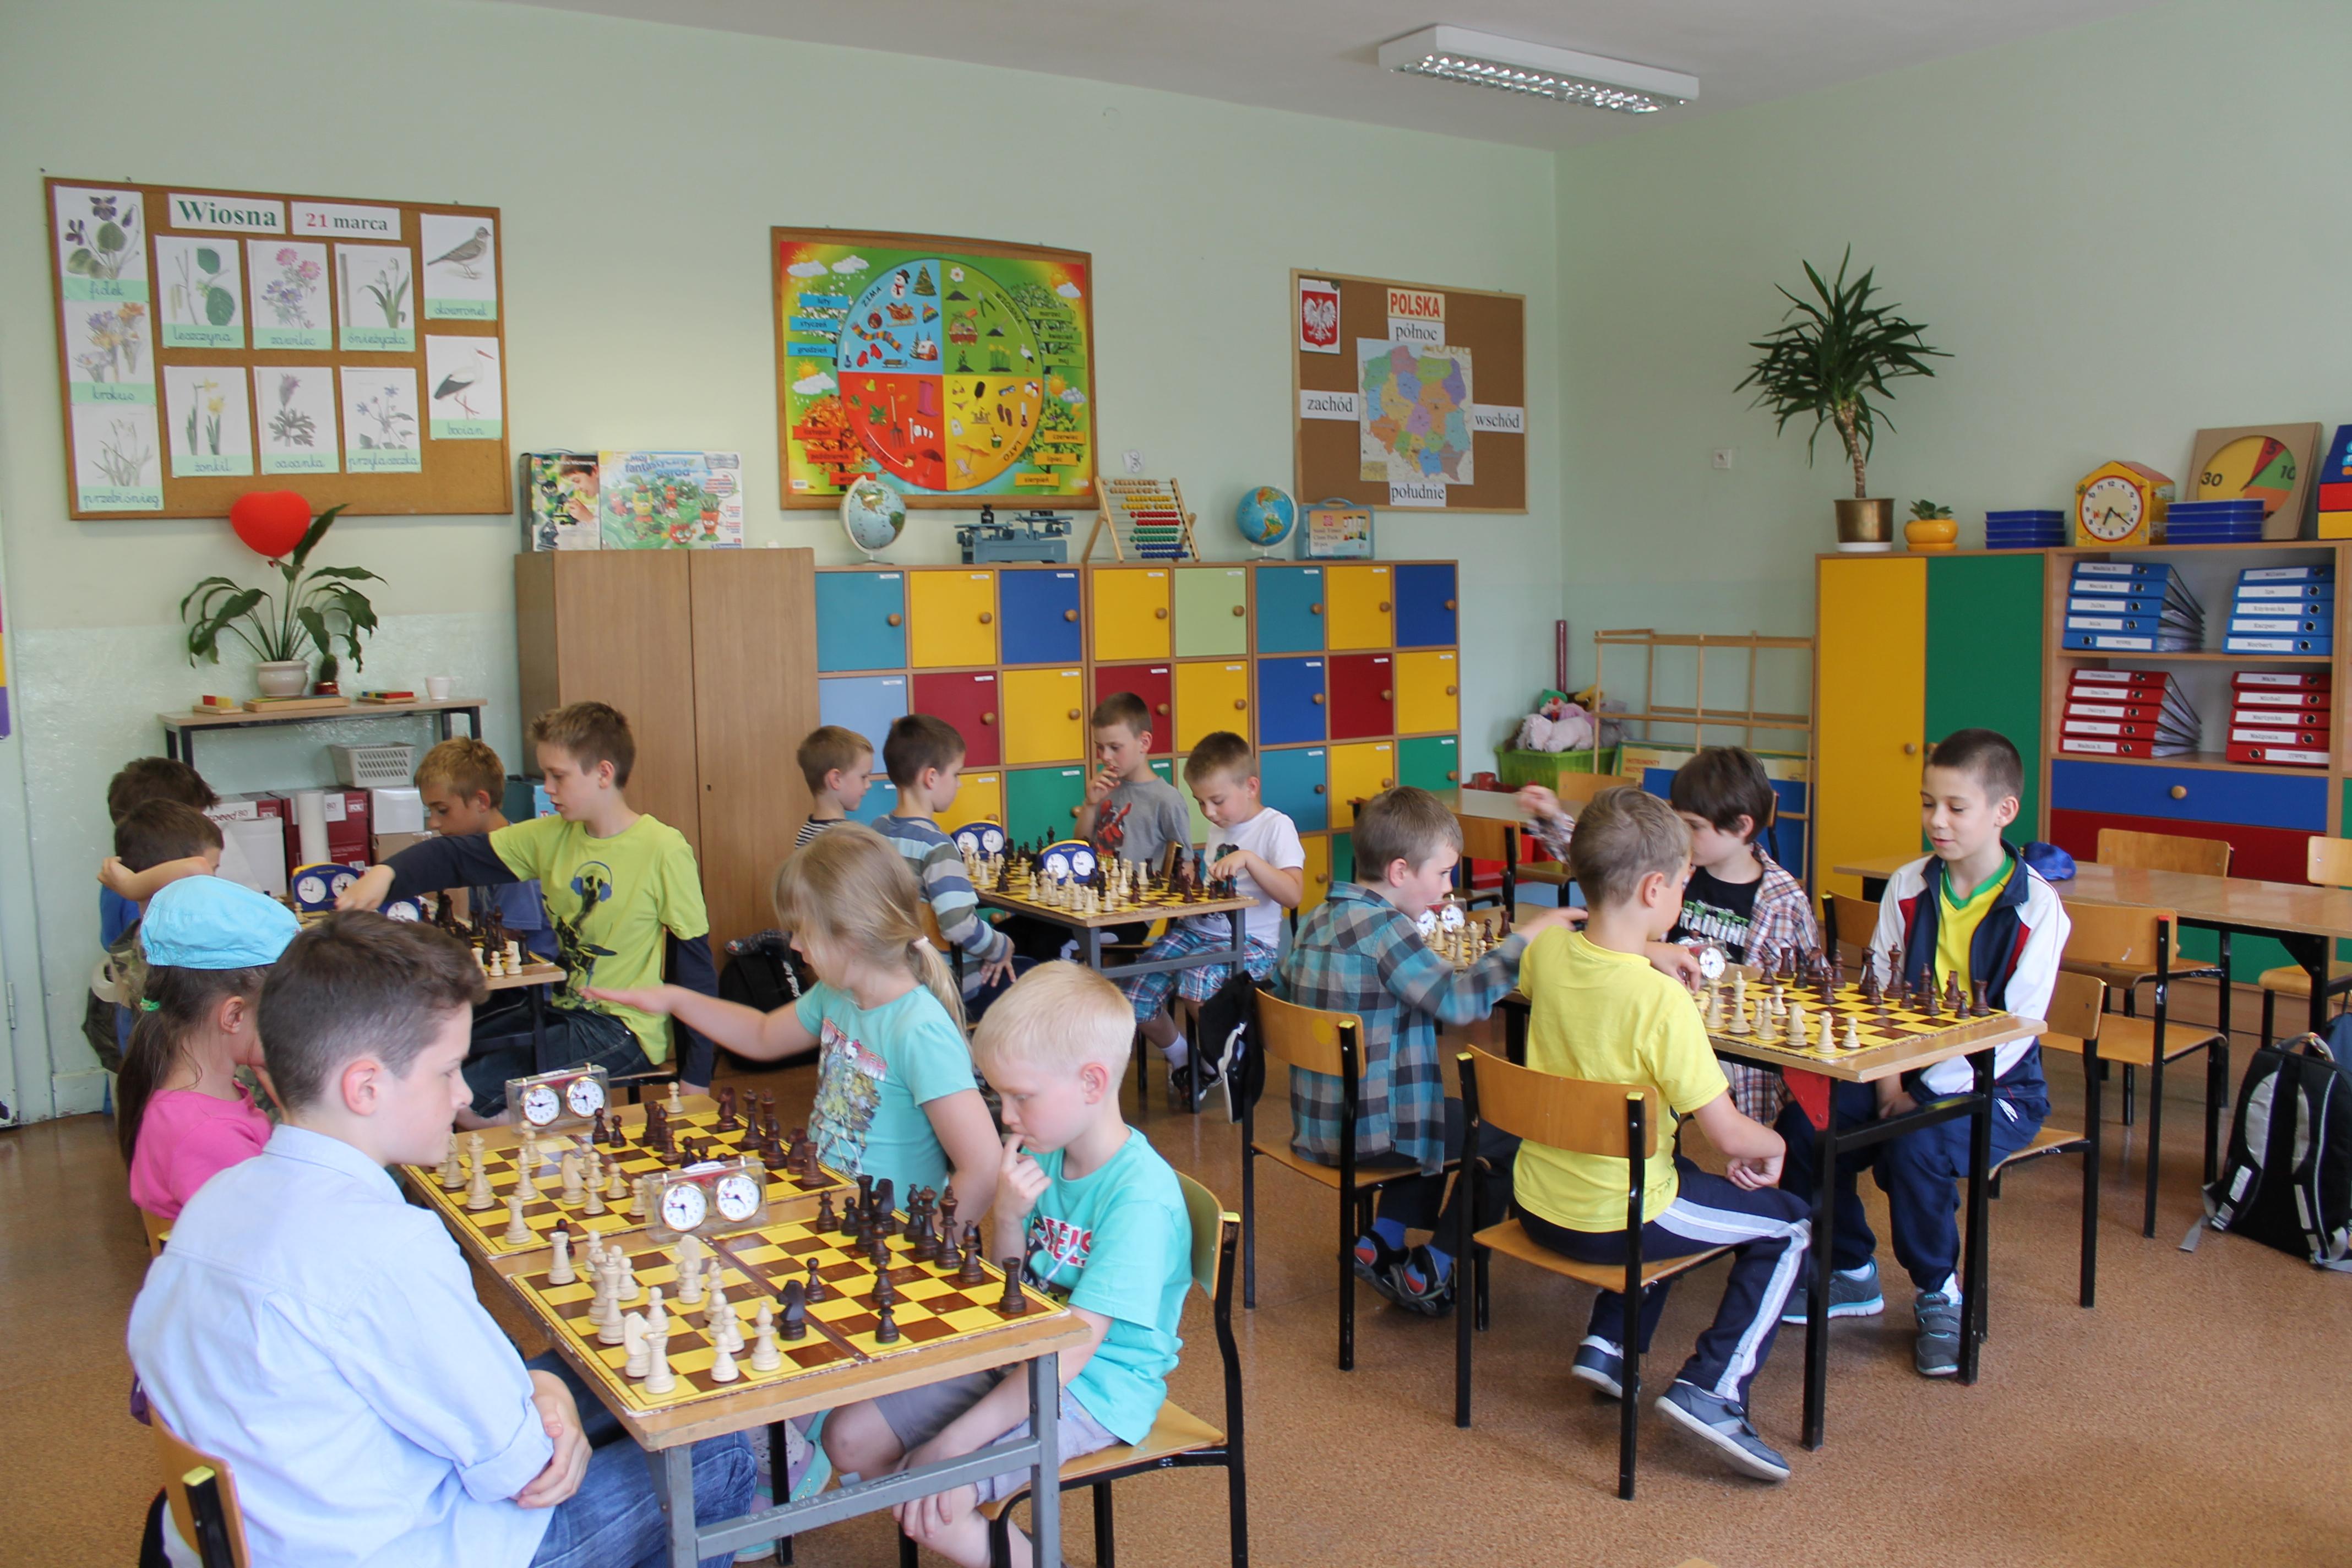 II Turniej Szachowy o Mistrzostwo Szkoły Podstawowej Nr 105, Świdnica, 18.06.2014